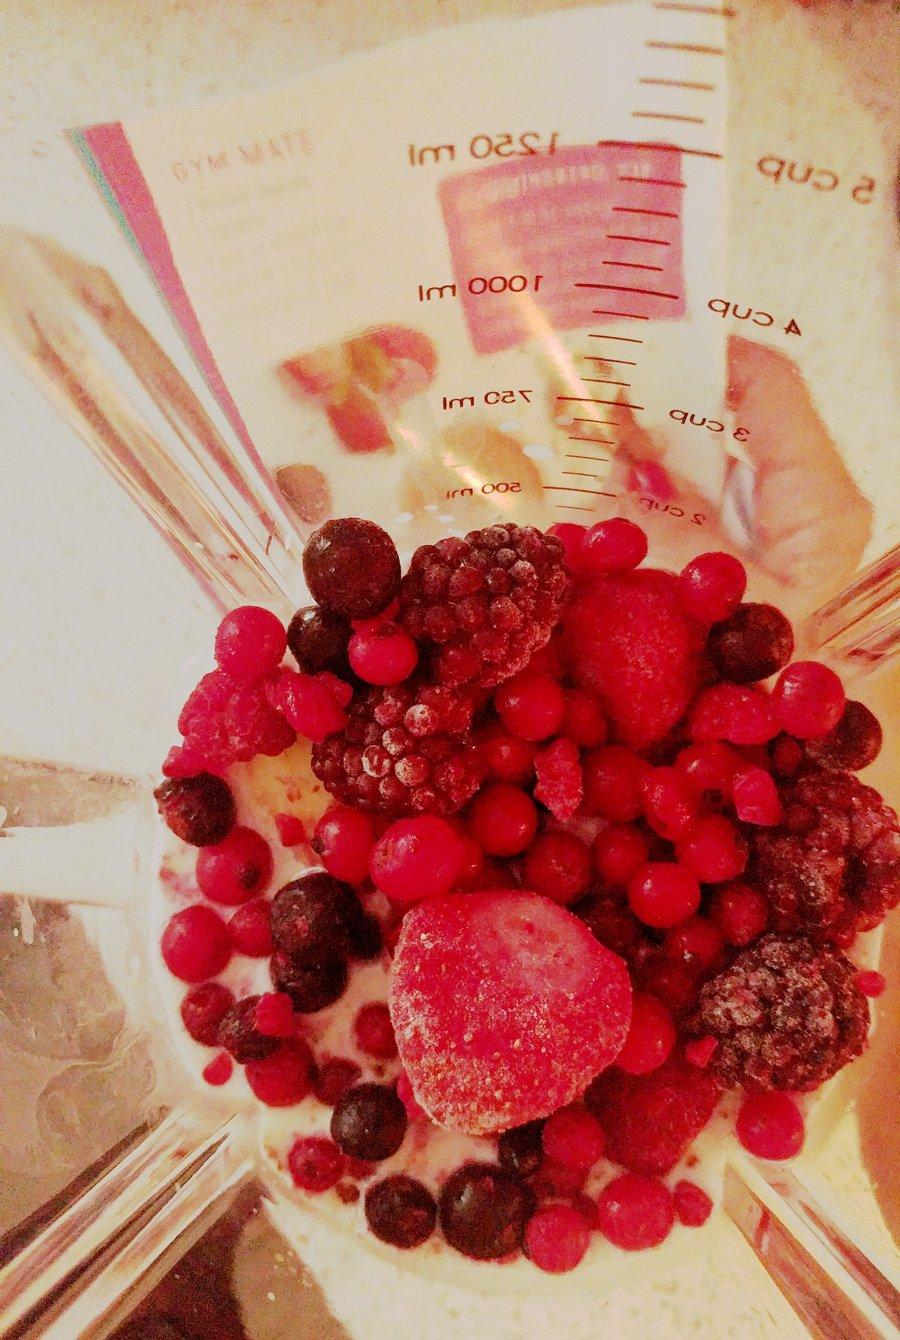 blendies von Hummingbird, Smoothie, Healthy, Gesund, Obst, Gemüse, gesunde Ernährung, Protein rot, Rezeptheft, Beeren im Mixer